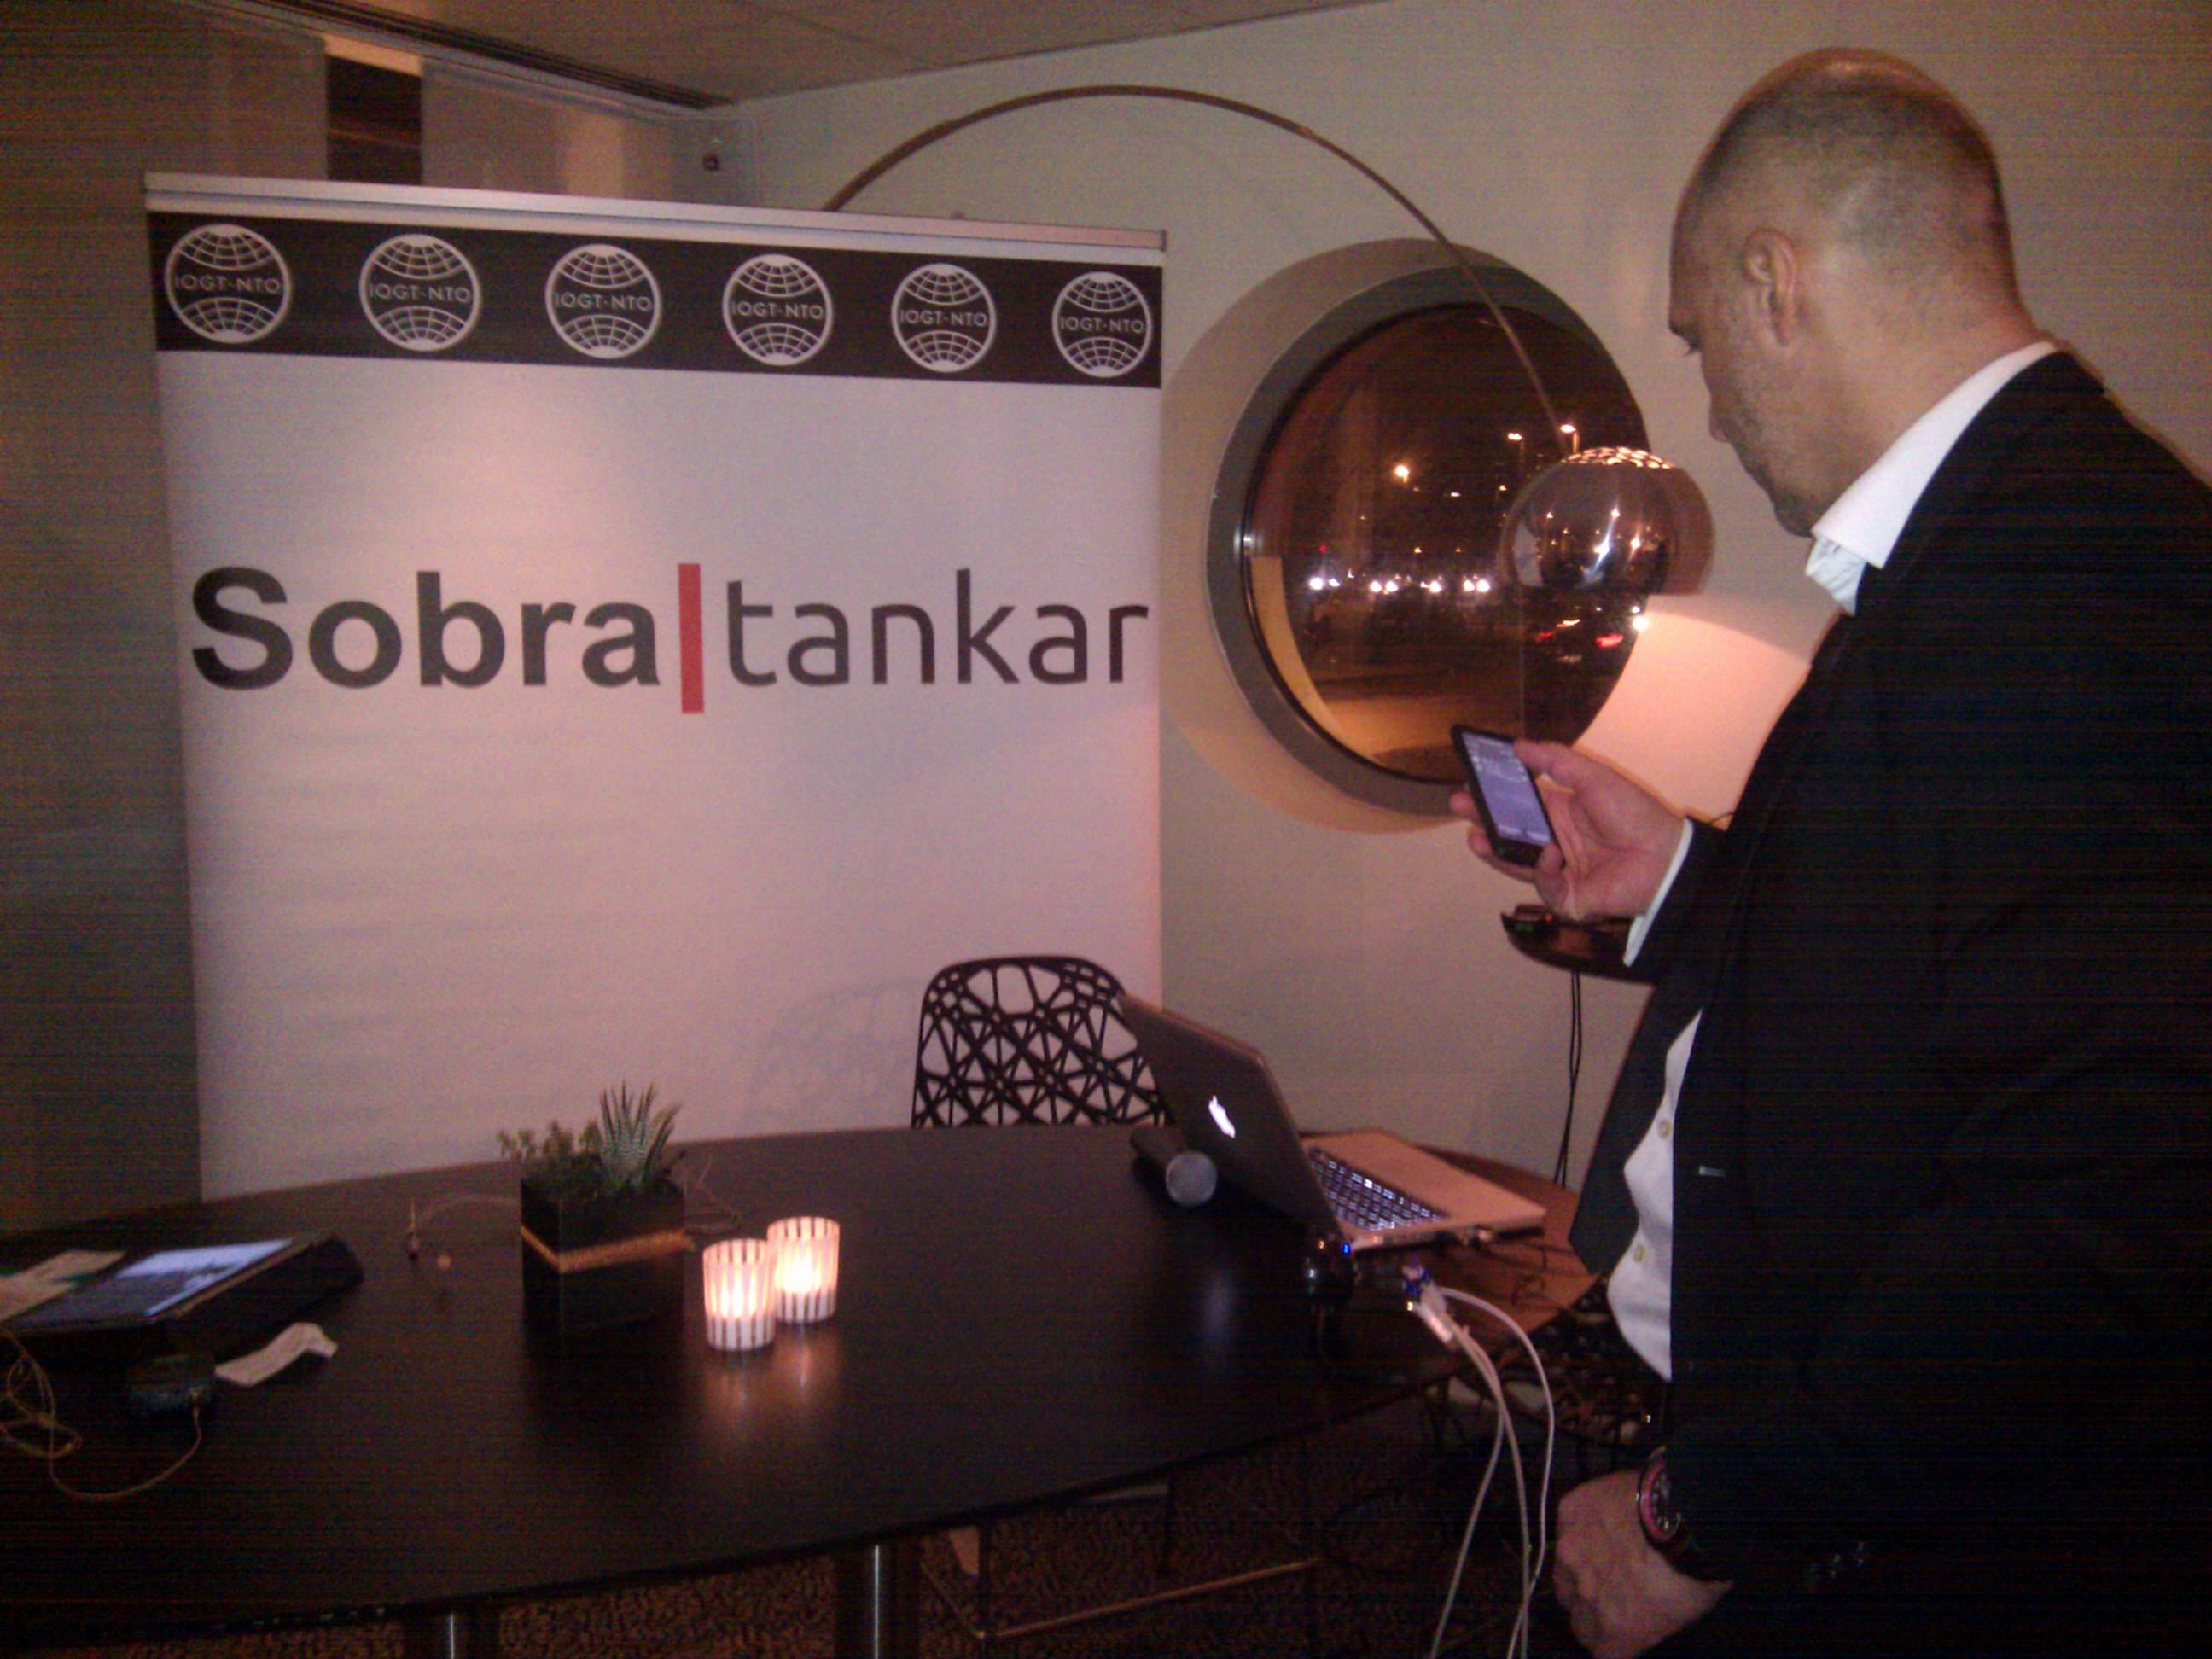 Förberedelser inför Sobra tankar Talkshow